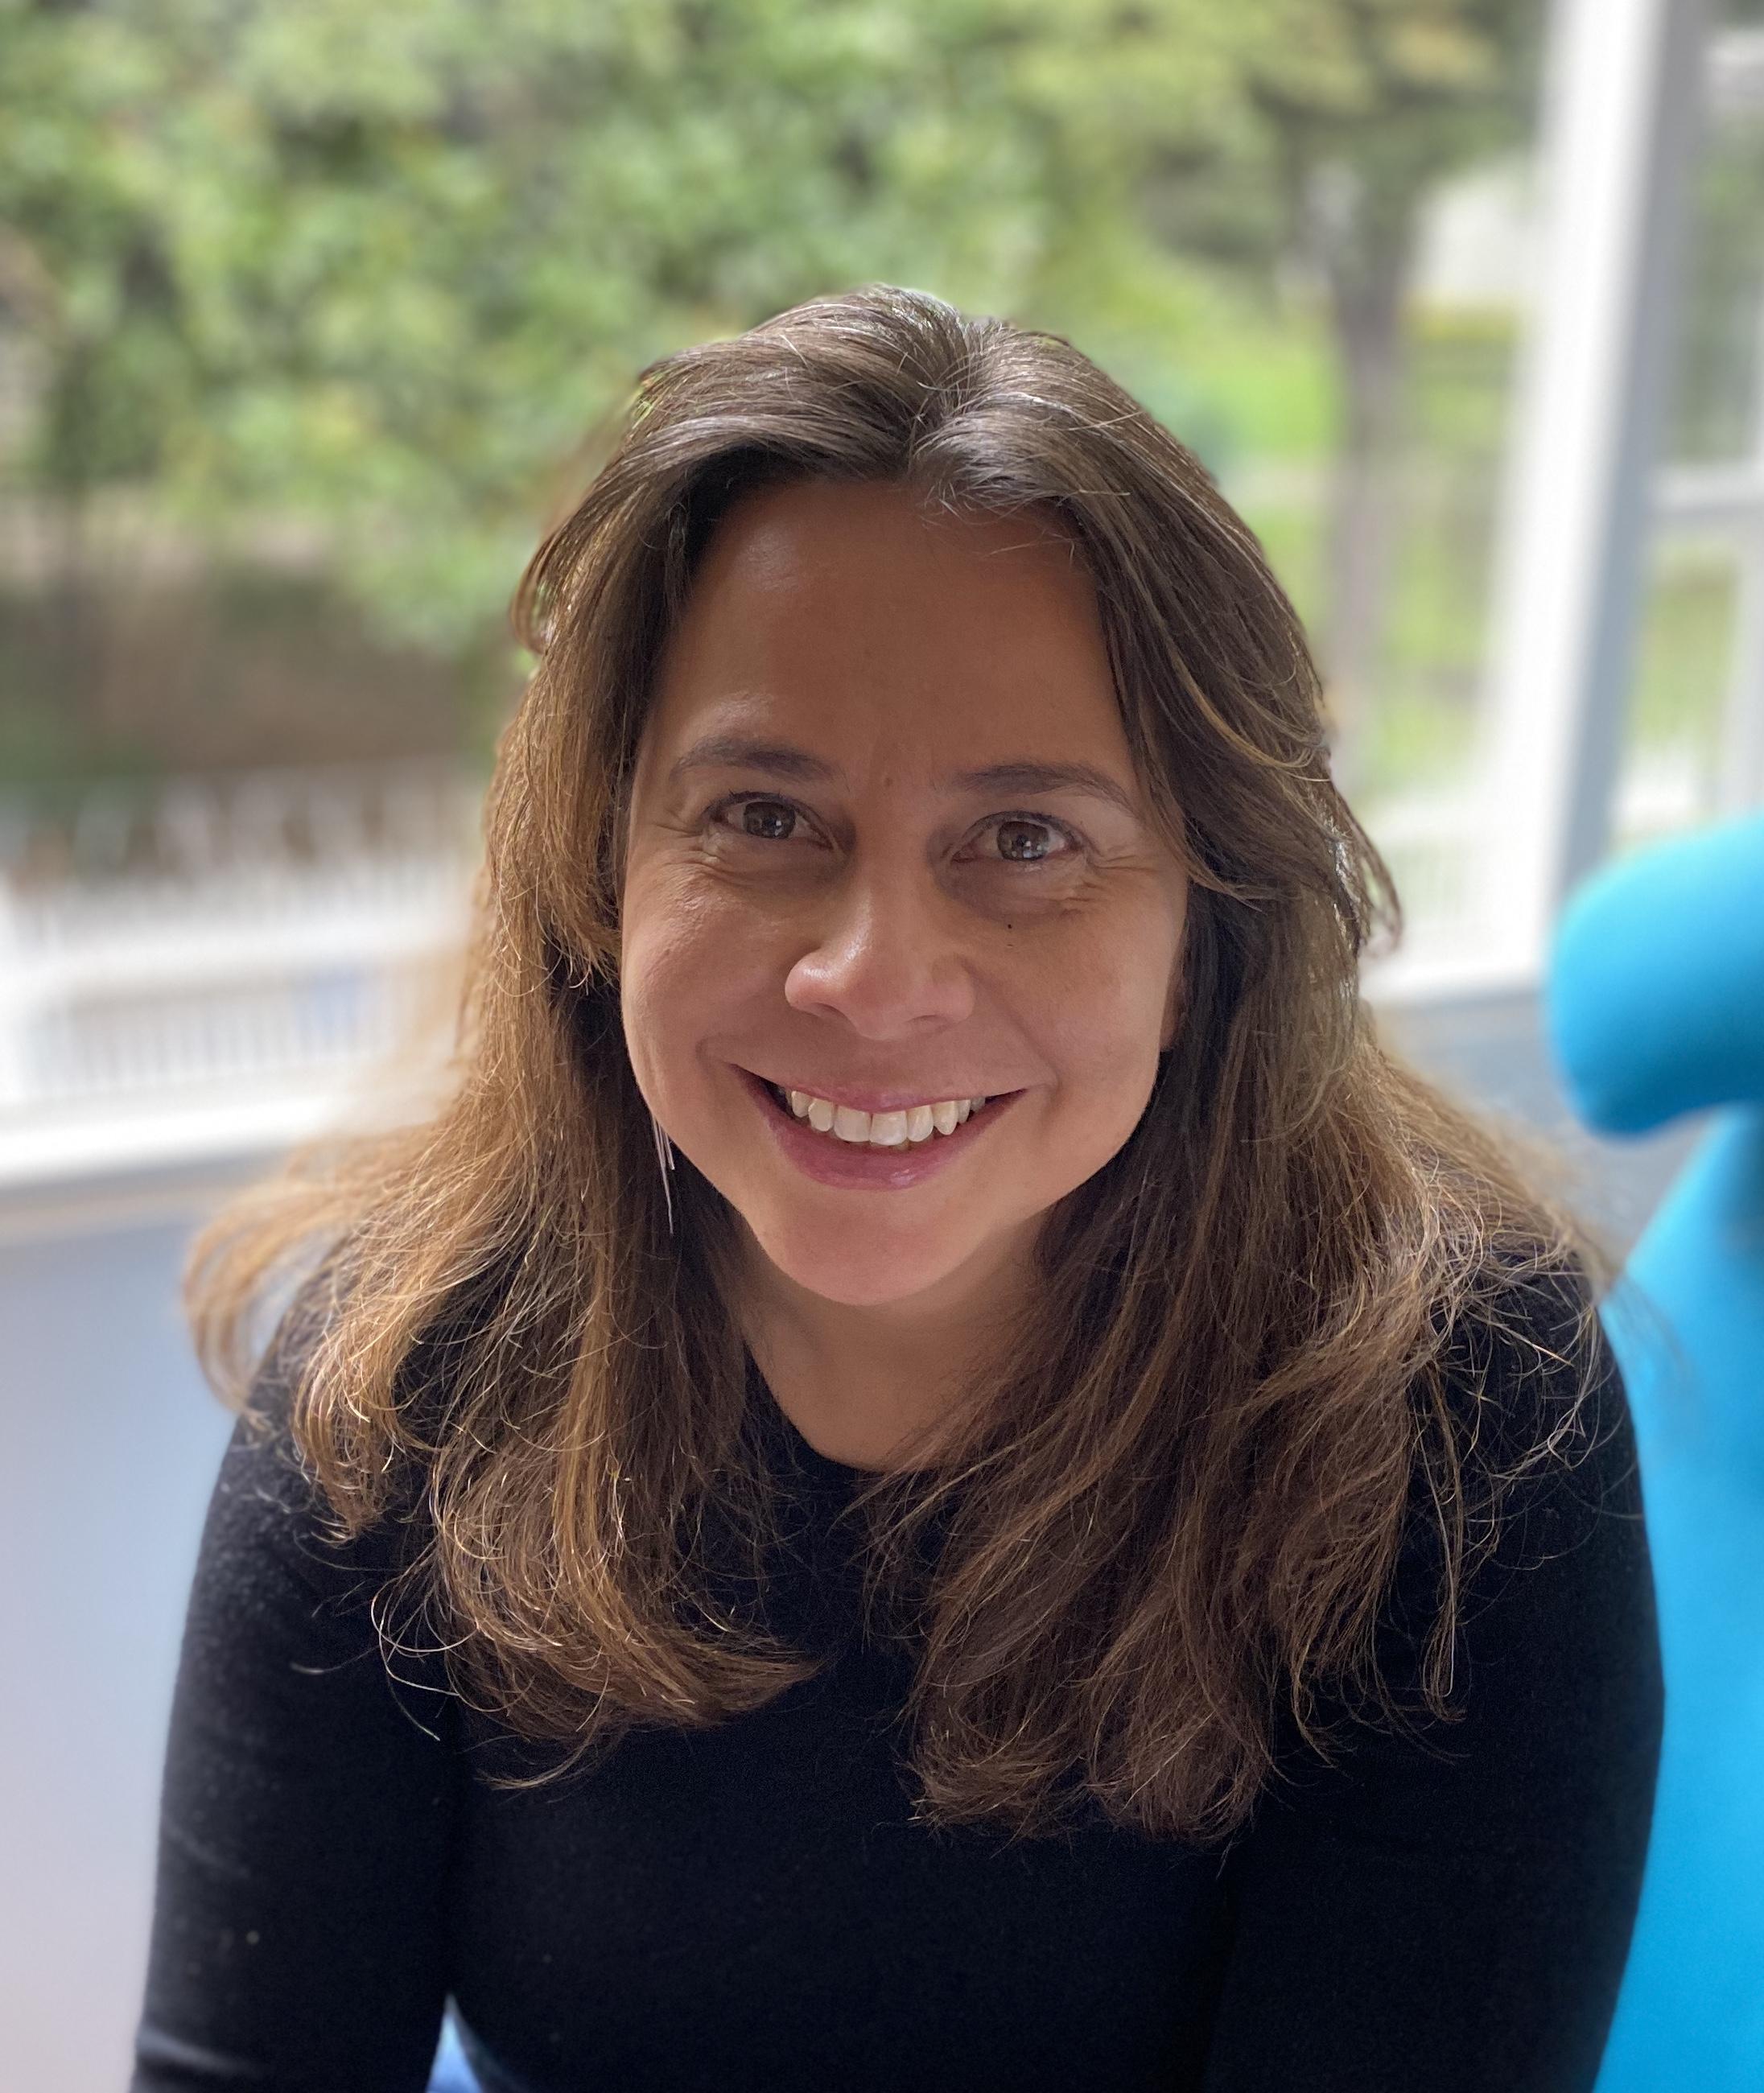 imagen Ángela María Penagos Concha